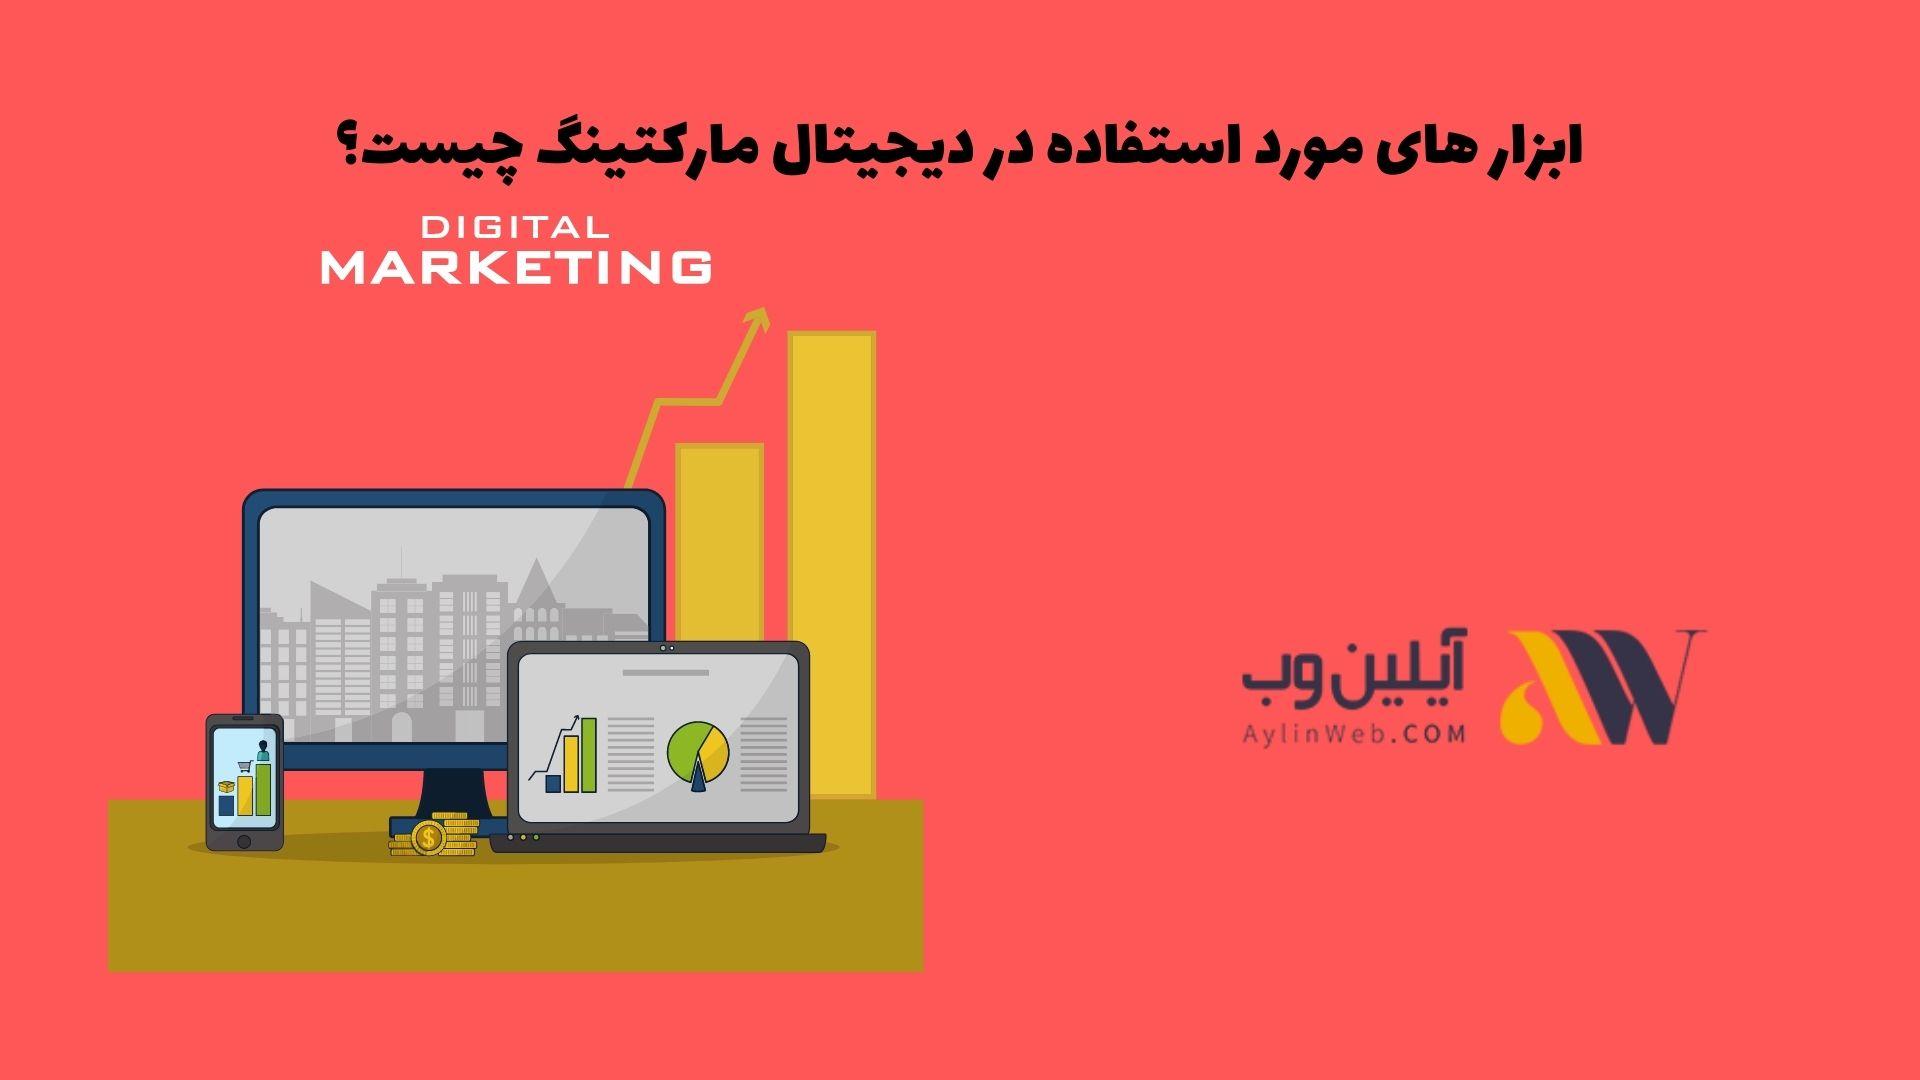 ابزارهای مورد استفاده در دیجیتال مارکتینگ چیست؟